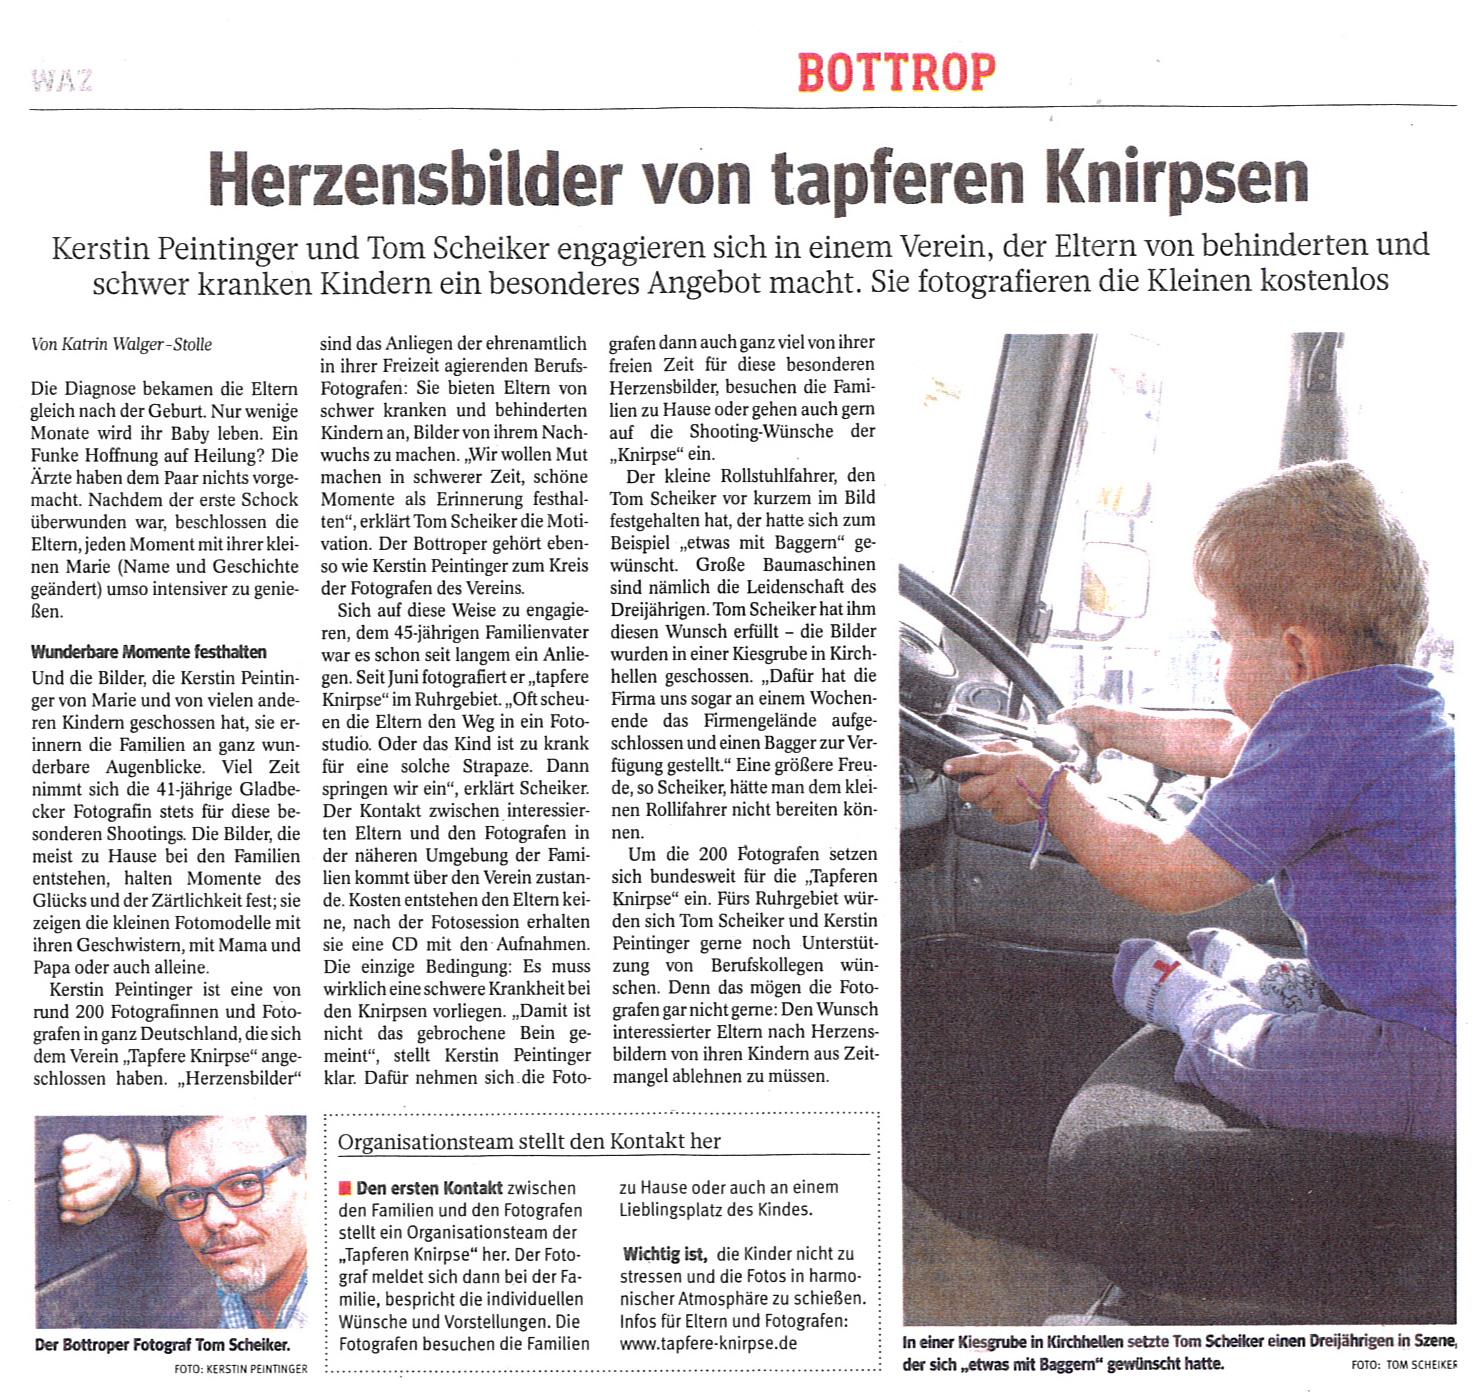 Artikel in der WAZ vom 09. Januar 2014 im Bottroper Lokalteil